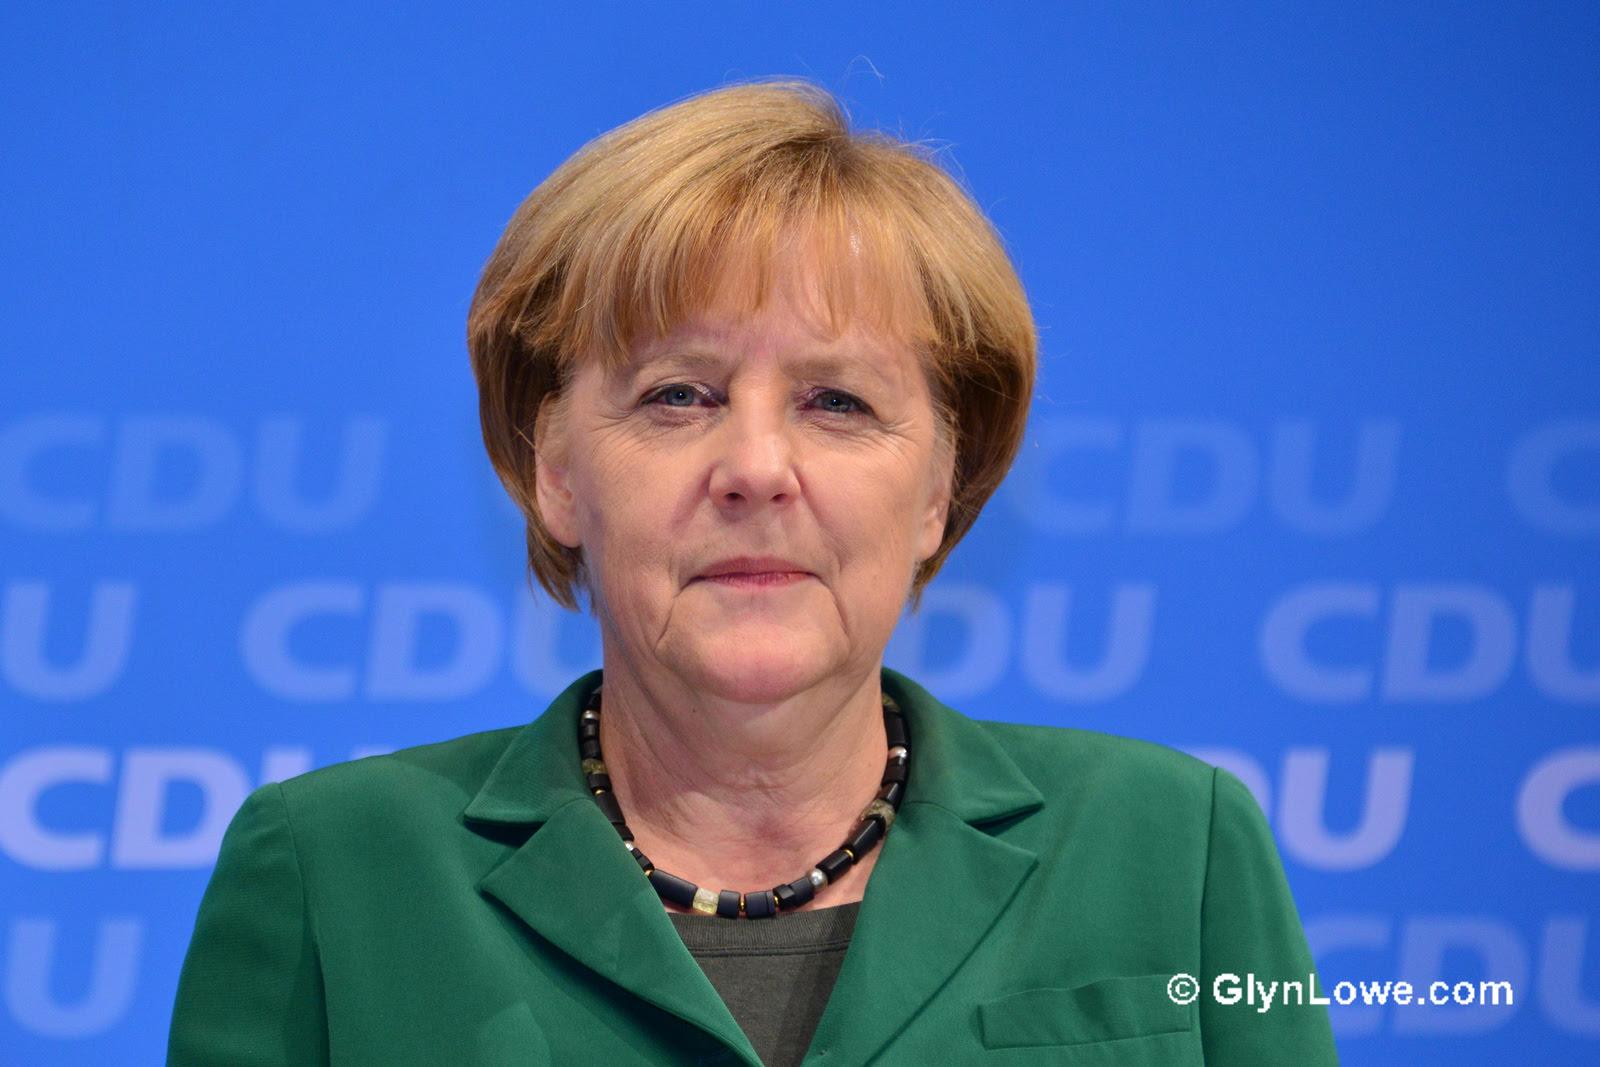 Γερμανία: Η Μέρκελ αντιμέτωπη με την έκρηξη του λαϊκισμού